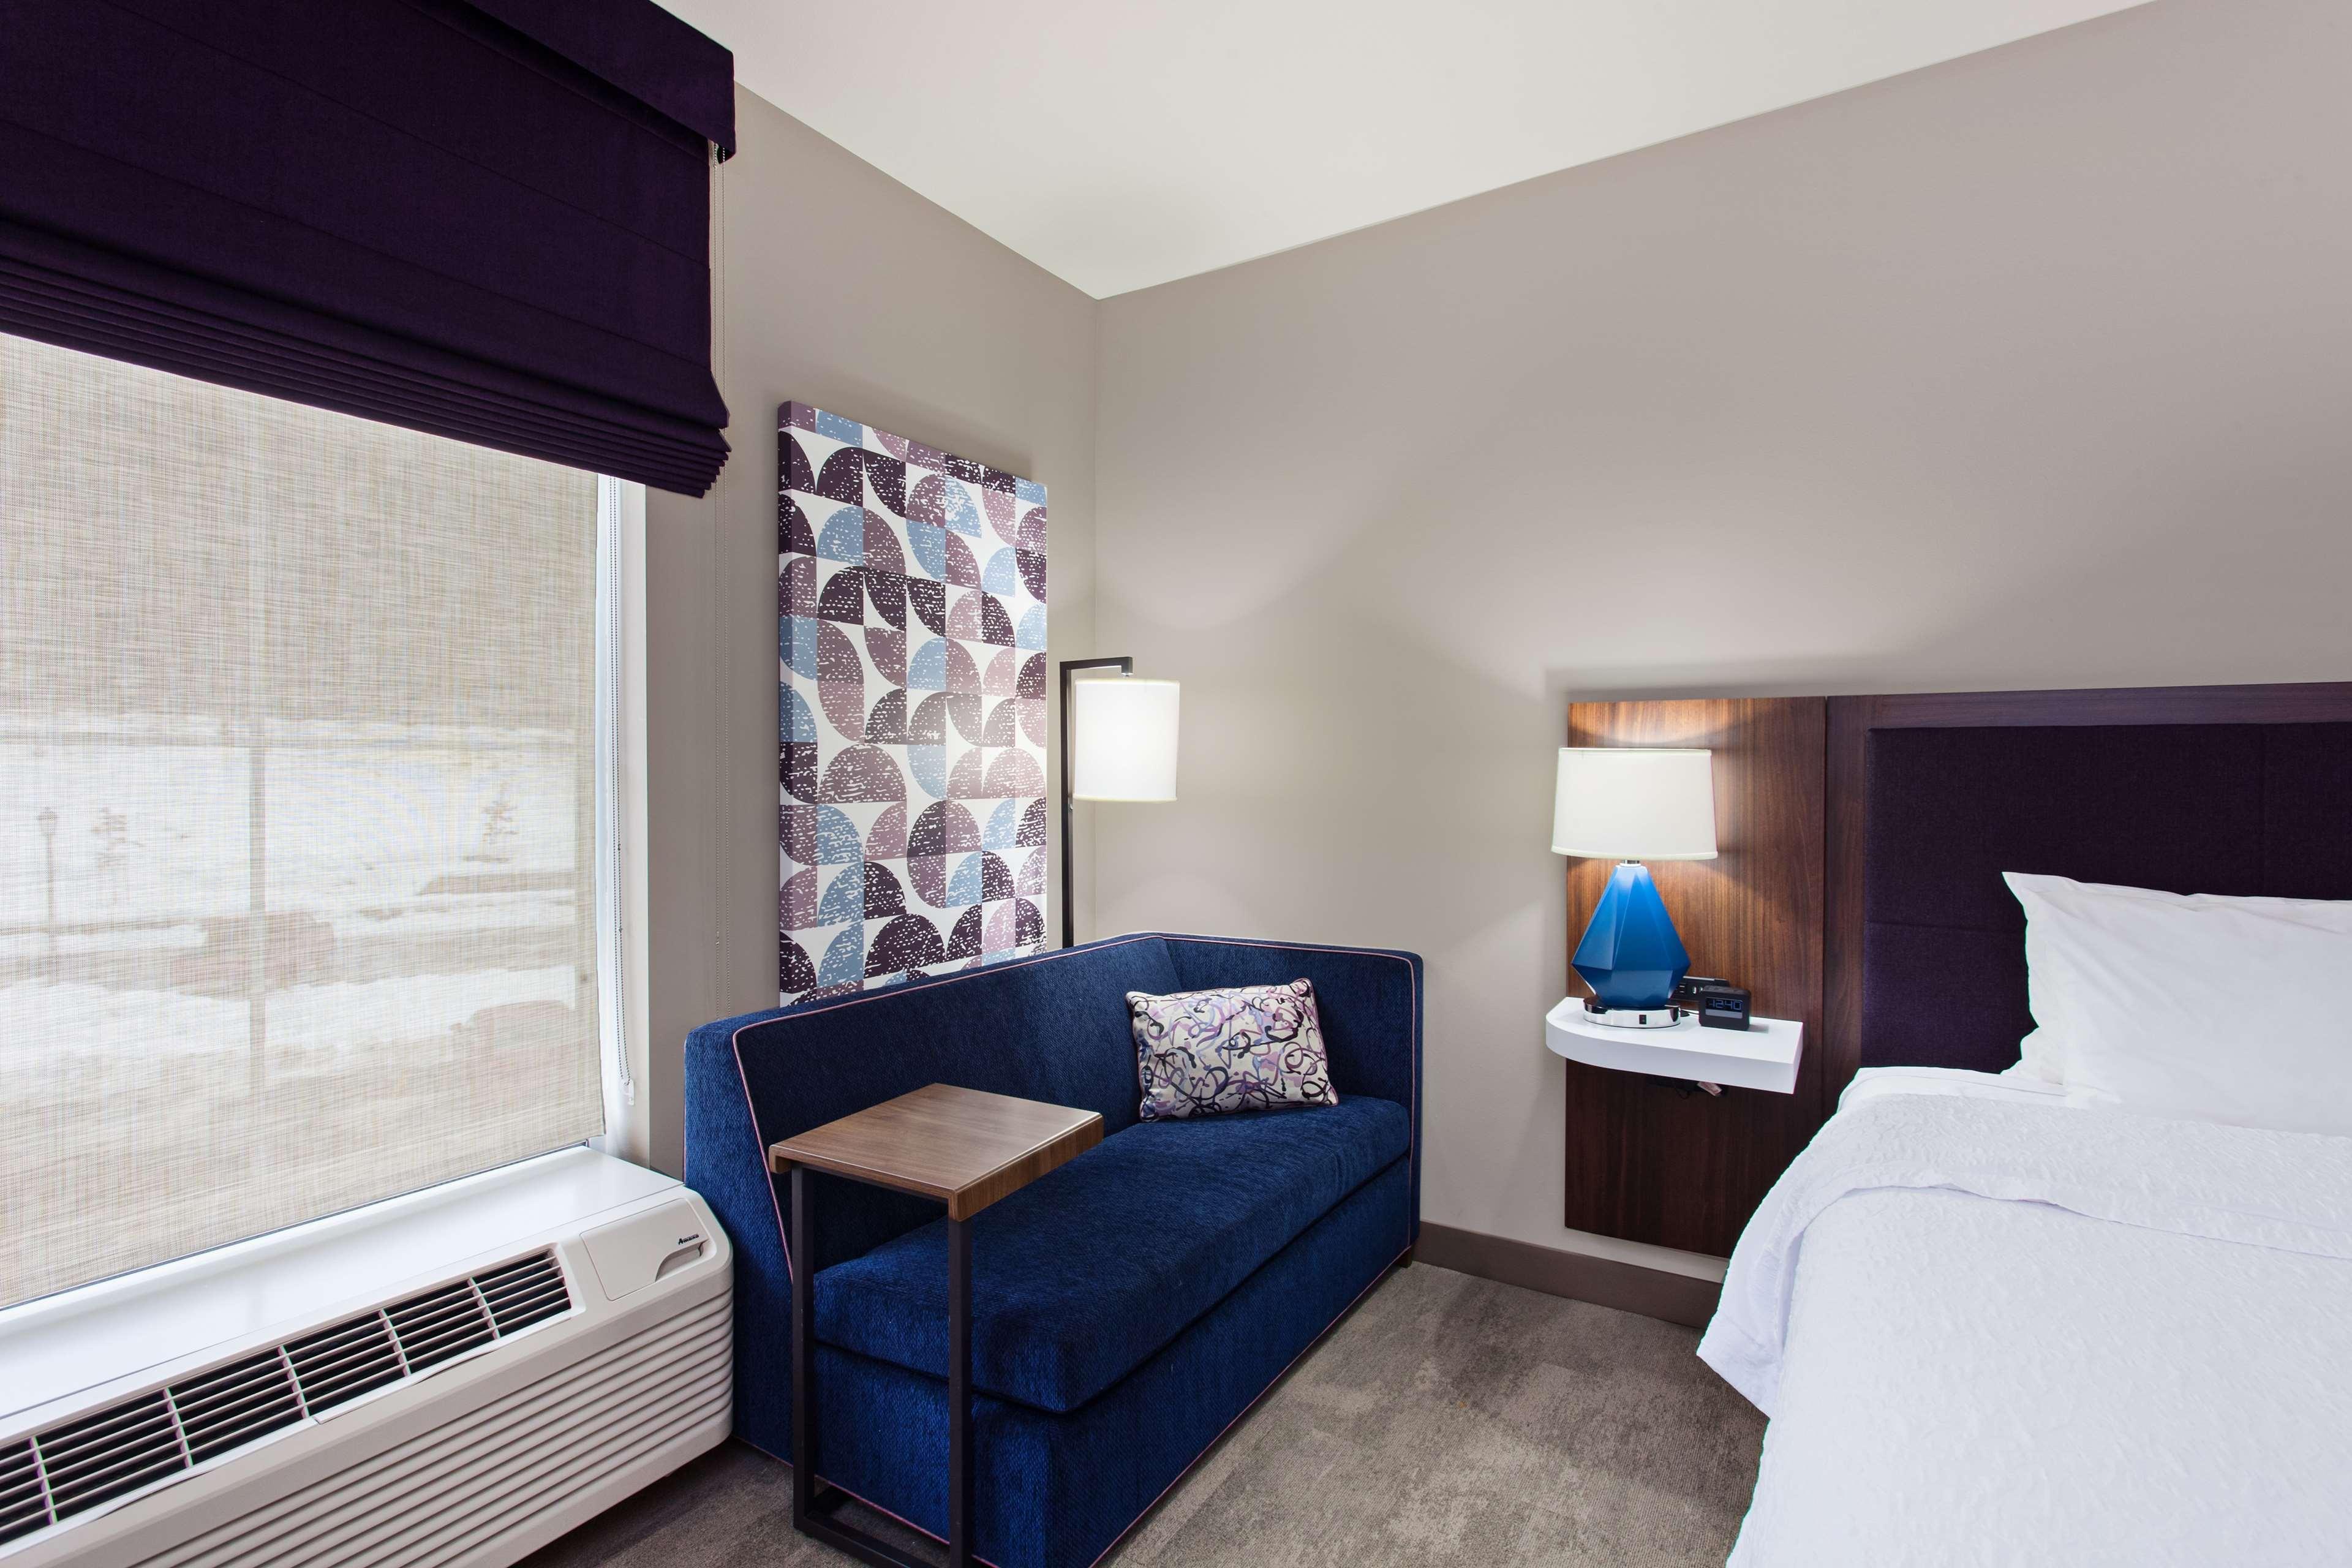 Hampton Inn & Suites Leavenworth image 24